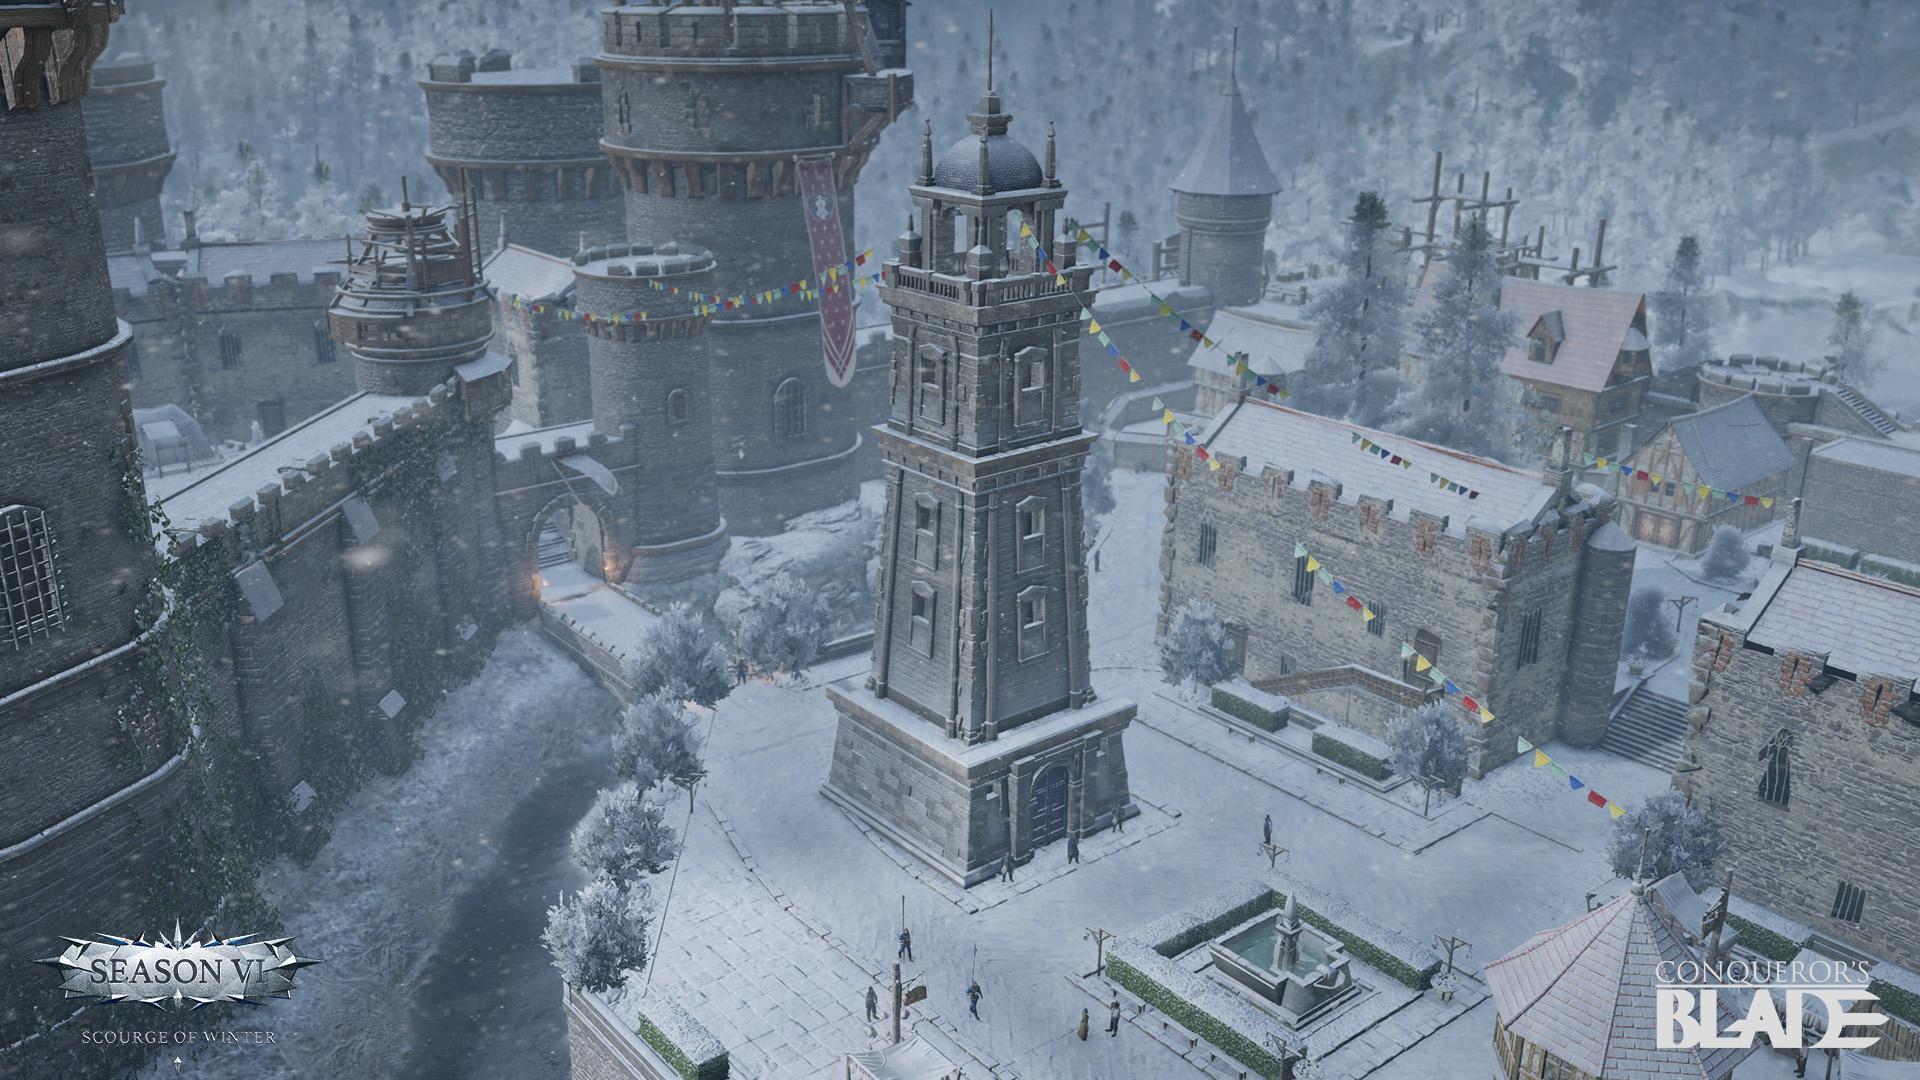 В Conqueror's Blade начинается шестой сезон с дополнением «Scourge of Winter»